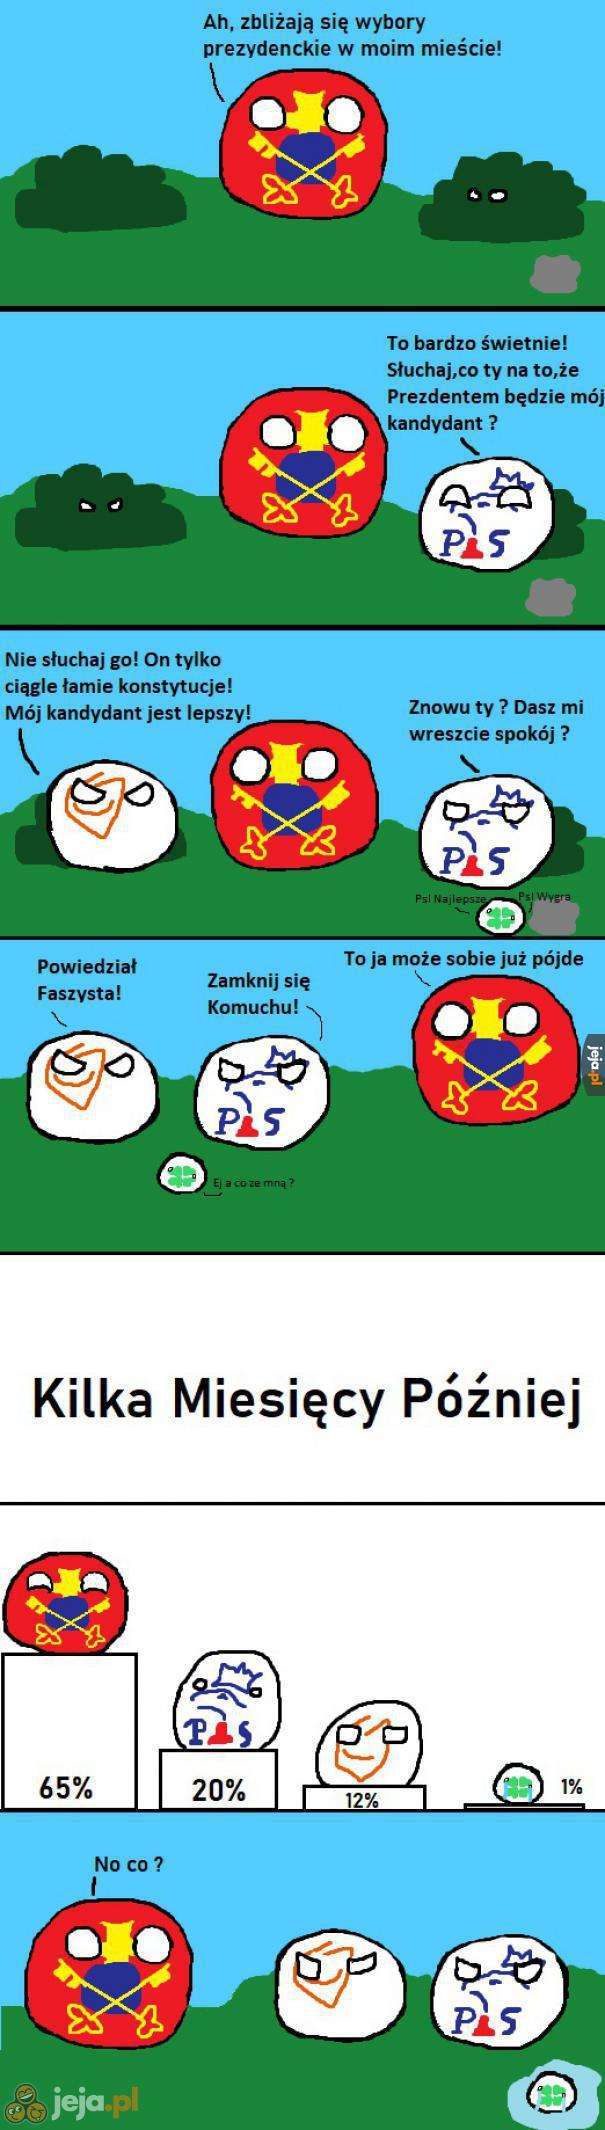 Wybory prezydenckie w Ostrowie Wielkopolskim